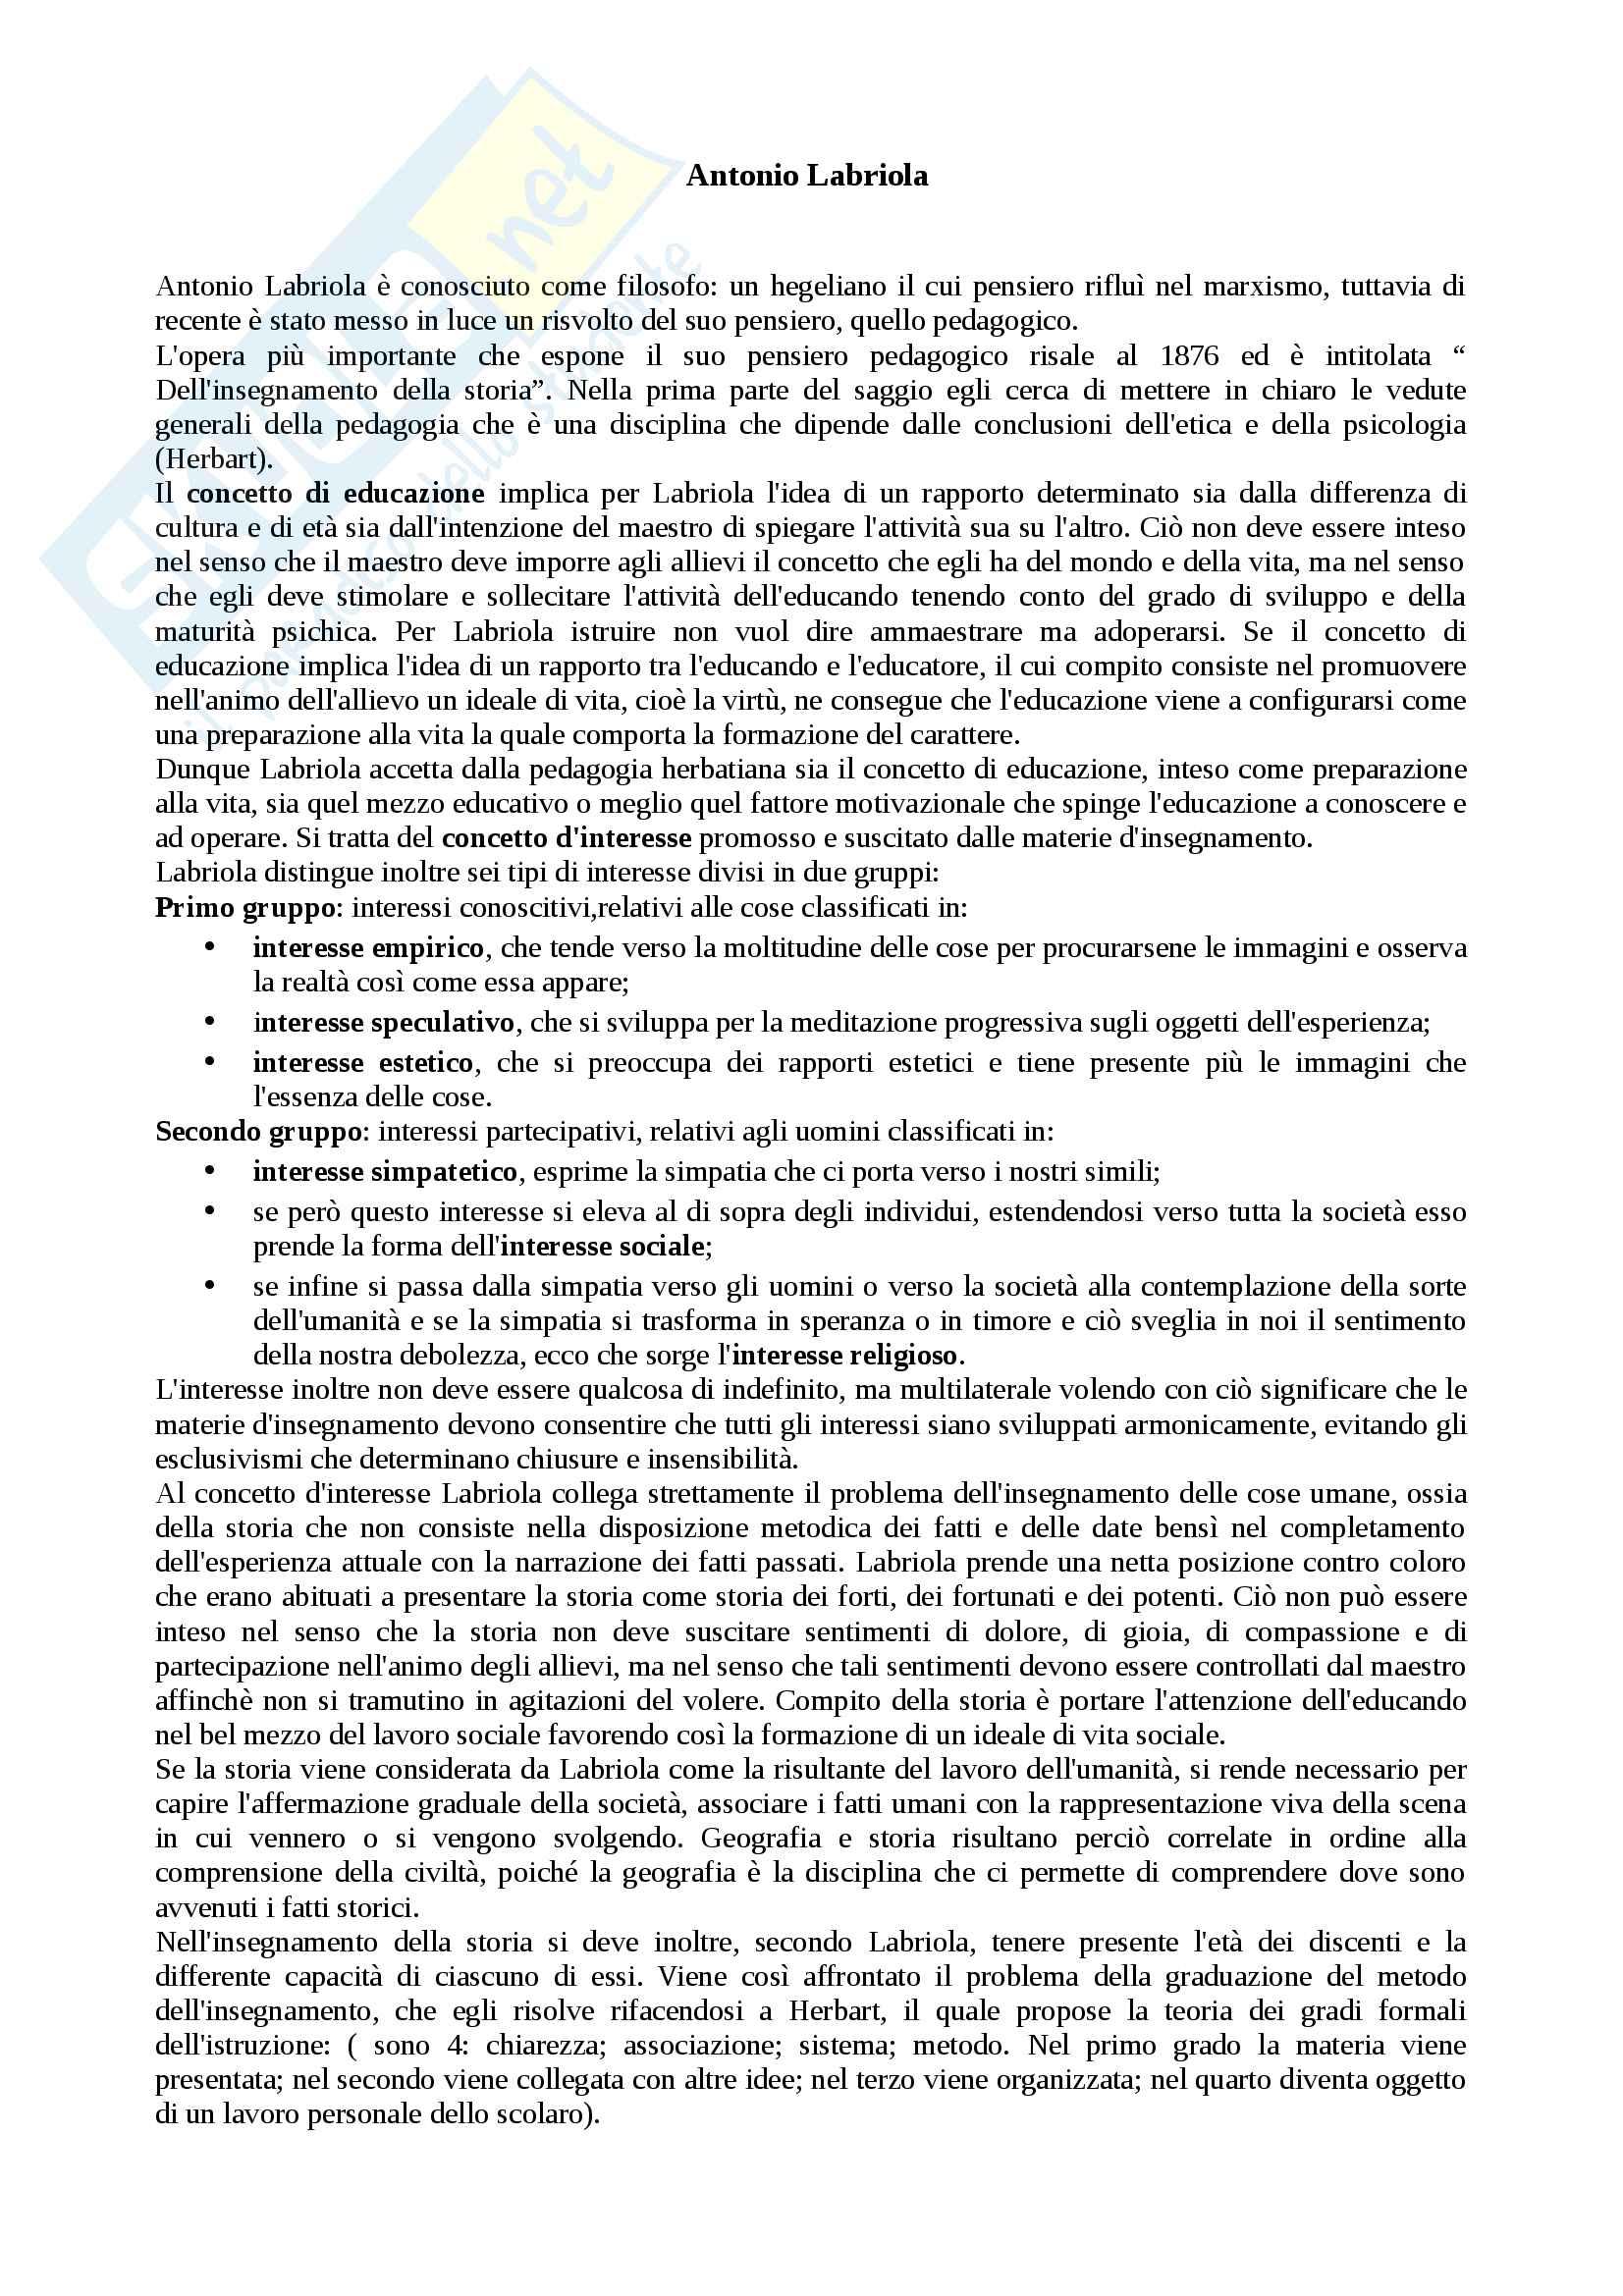 Riassunto esame storia della pedagogia, prof Salvatore Agresta, libri consigliato la pedagogia di Antonio Labriola